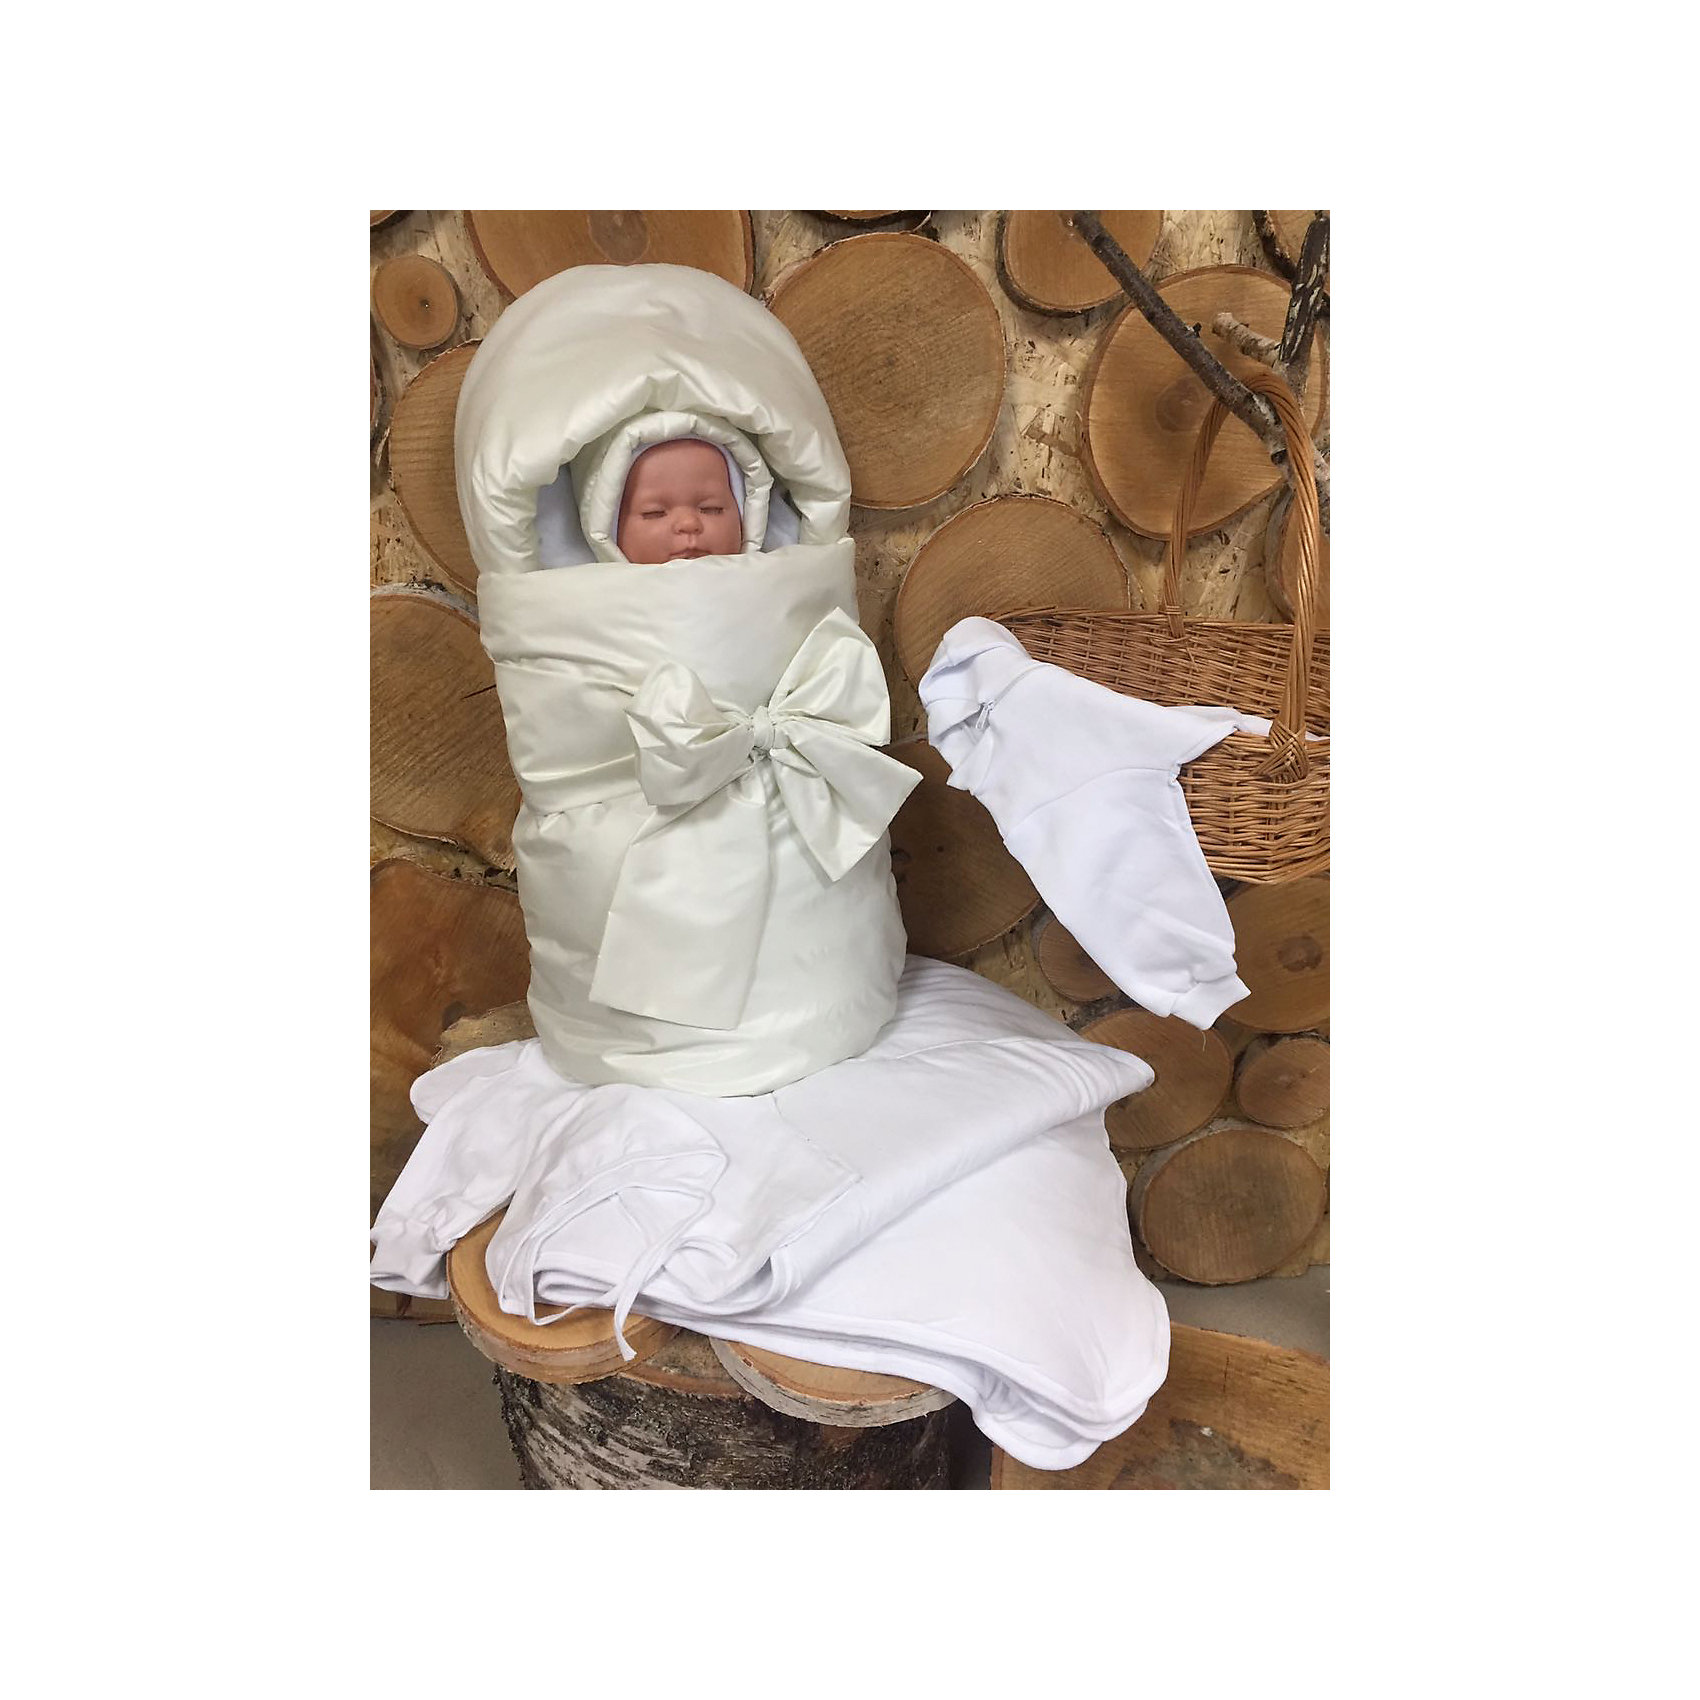 Комплект на выписку 7 пред., GulSara, 119 весна-осеньшампаньКонверты на выписку<br>Характеристики:<br><br>• Вид детского текстиля: комплект на выписку<br>• Предназначение: на выписку, для прогулки<br>• Сезон: весна, осень<br>• Утеплитель: средняя степень утепления<br>• Температурный режим: от -10? С до +20? С <br>• Пол: универсальный<br>• Тематика рисунка: без рисунка<br>• Материал: плащевка, кулирка, интерлок<br>• Цвет: шампань, молочный<br>• Комплектация:<br> конверт на синтепоне – 1 шт. р-р 75*40 см<br> одеяло на синтепоне – 1 шт. р-р 100*100 см<br> шапочка на синтепоне – 1 шт. р-р 56-36<br> спальный мешок – 1 шт. р-р 56-36<br> ползунки – 1 шт. р-р 56-36<br> распашонка – 1 шт. р-р 56-36<br> чепчик – 1 шт. р-р 56-36<br>• Особенности ухода: машинная стирка при температуре 30 градусов без использования отбеливающих и красящих веществ<br><br>Комплект на выписку 7 пред., GulSara, 119 весна-осень шампань от отечественного швейного производства, который выпускает современный текстиль и товары для новорожденных, изготовленных на основе вековых традиций. В своем производстве GulSara использует только экологичные и натуральные материалы, что обеспечивает их безопасность даже для малышей с чувствительной кожей. <br><br>Набор предназначен для выписки в демисезонный период и состоит из конверта, одеяла и чепчика, выполненных из однотонной плащевки. Конверт выполнен в форме кокона. Среднюю степень утепления конверту и одеялу обеспечивает синтепон, который имеет легкий вес и является гипоаллергенным материалом. Для промежуточного слоя одежды предусмотрен спальный мешок на молнии, выполненный из интерлока. Комплект нижней одежды состоит из ползунков, распашонки и чепчика. <br><br>Комплект на выписку 7 пред., GulSara, 119 весна-осень шампань создаст изысканный и неповторимый образ вашего малыша!<br><br>Комплект на выписку 7 пред., GulSara, 119 весна-осень шампань можно купить в нашем интернет-магазине.<br><br>Ширина мм: 750<br>Глубина мм: 400<br>Высота мм: 90<br>Вес г: 1500<br>Во